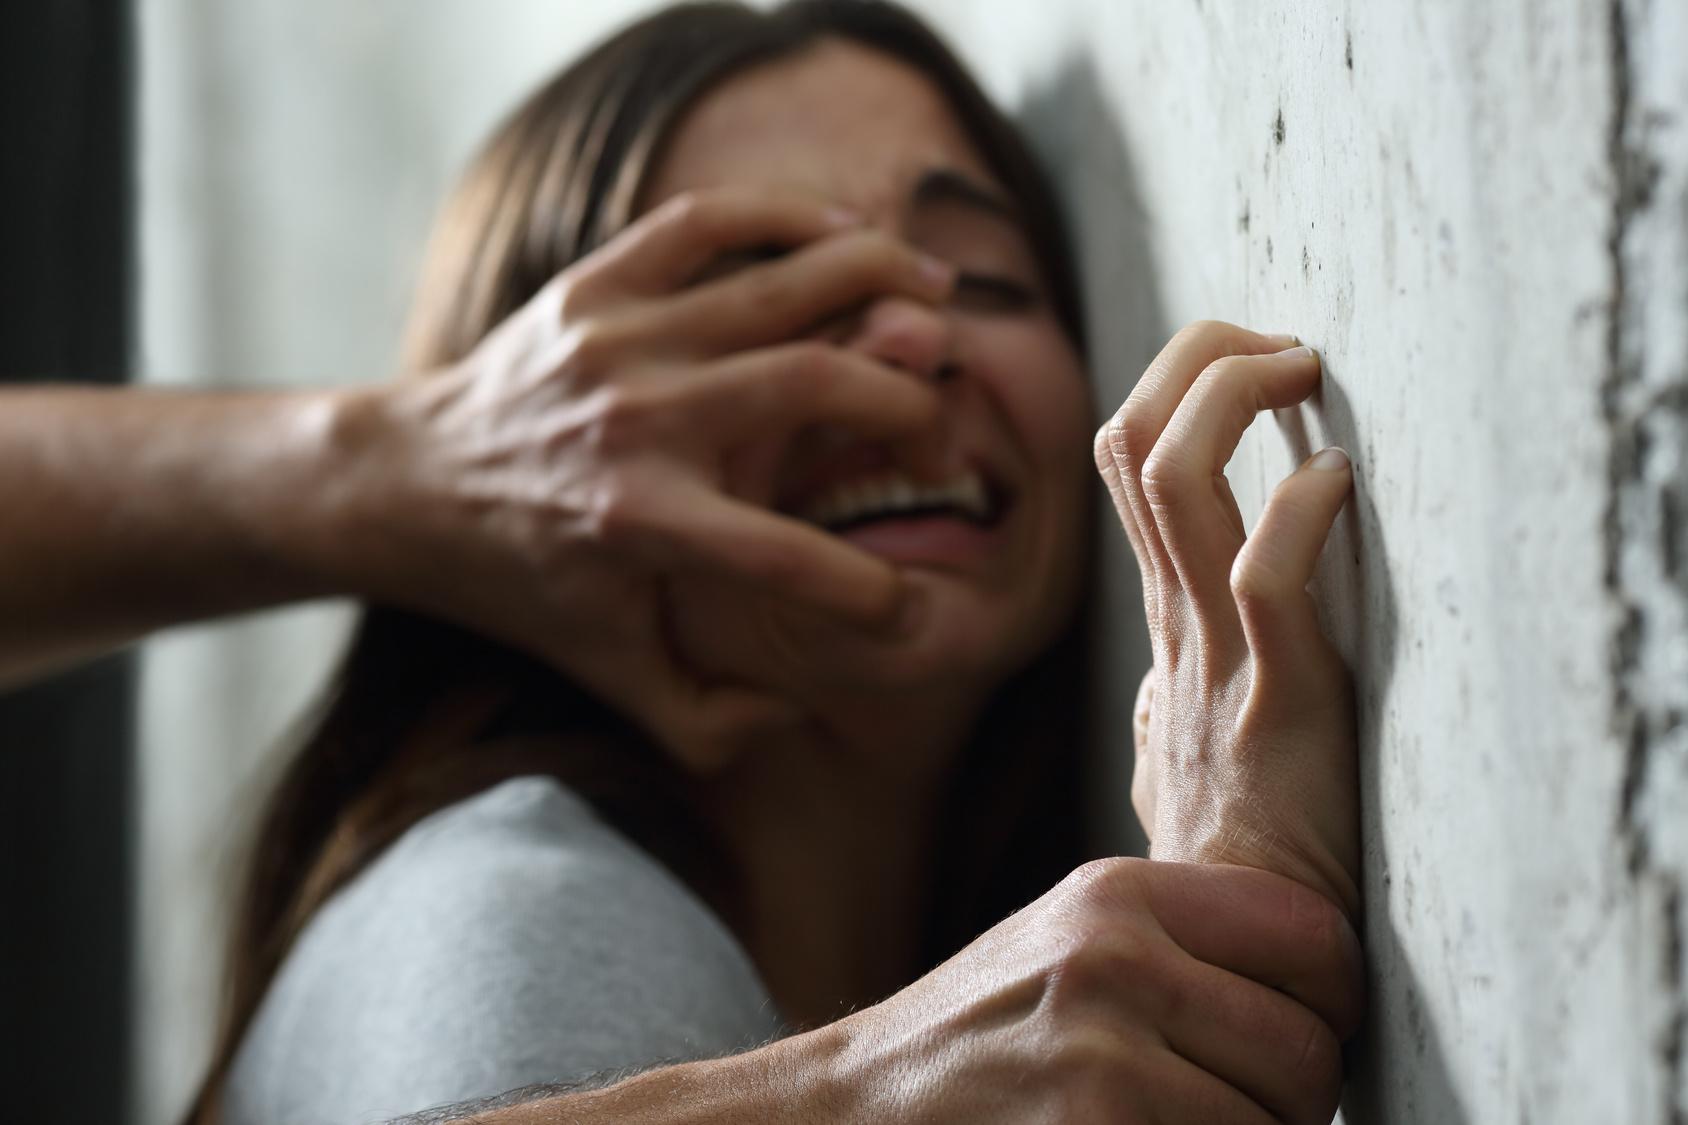 Mehr als 800 Opfer Dieser Mann folterte und vergewaltigte unzählige Flüchtlinge